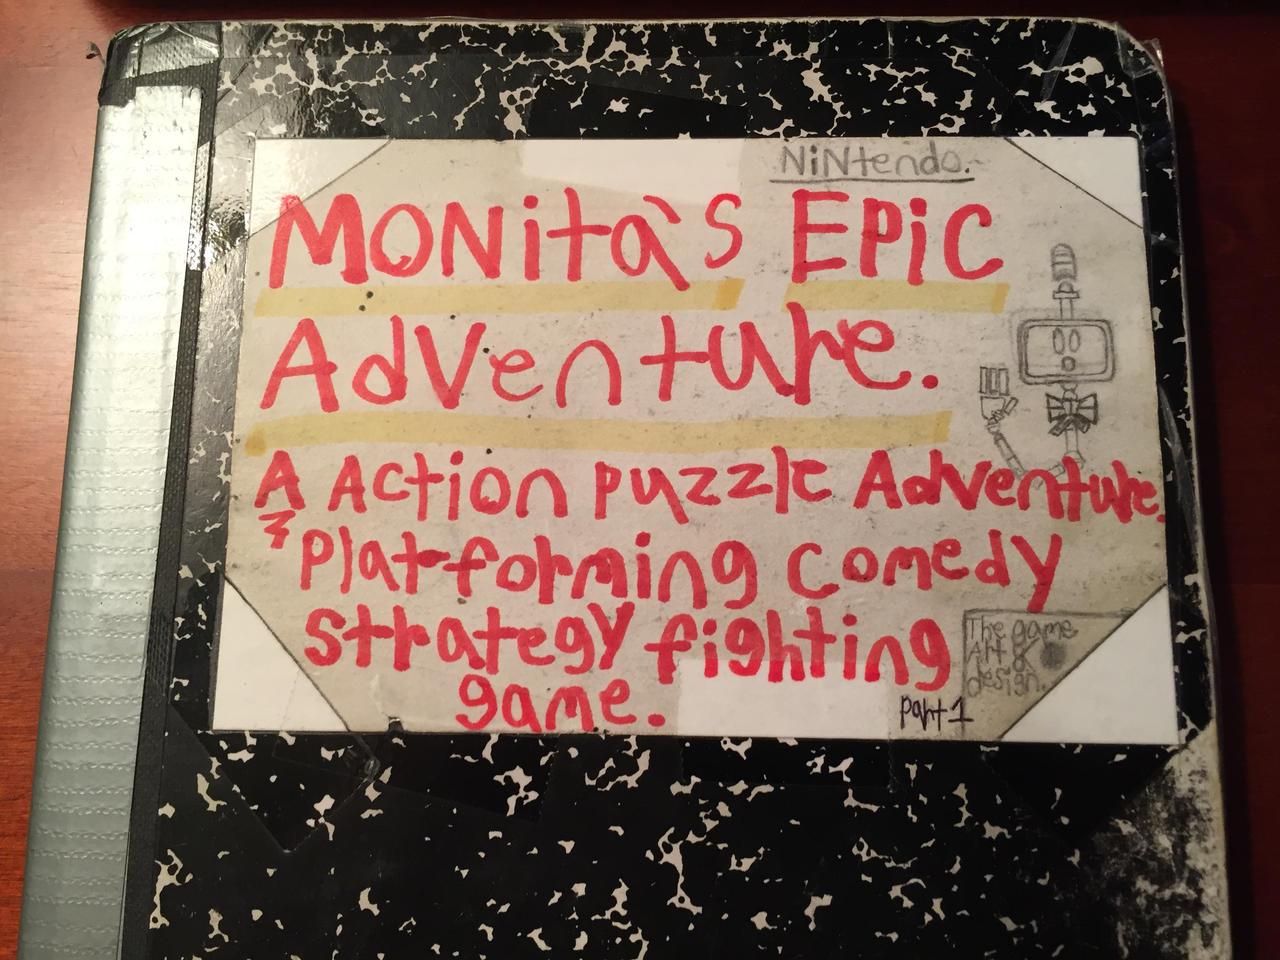 Monita's epic Adventure book cover by TristanMendez